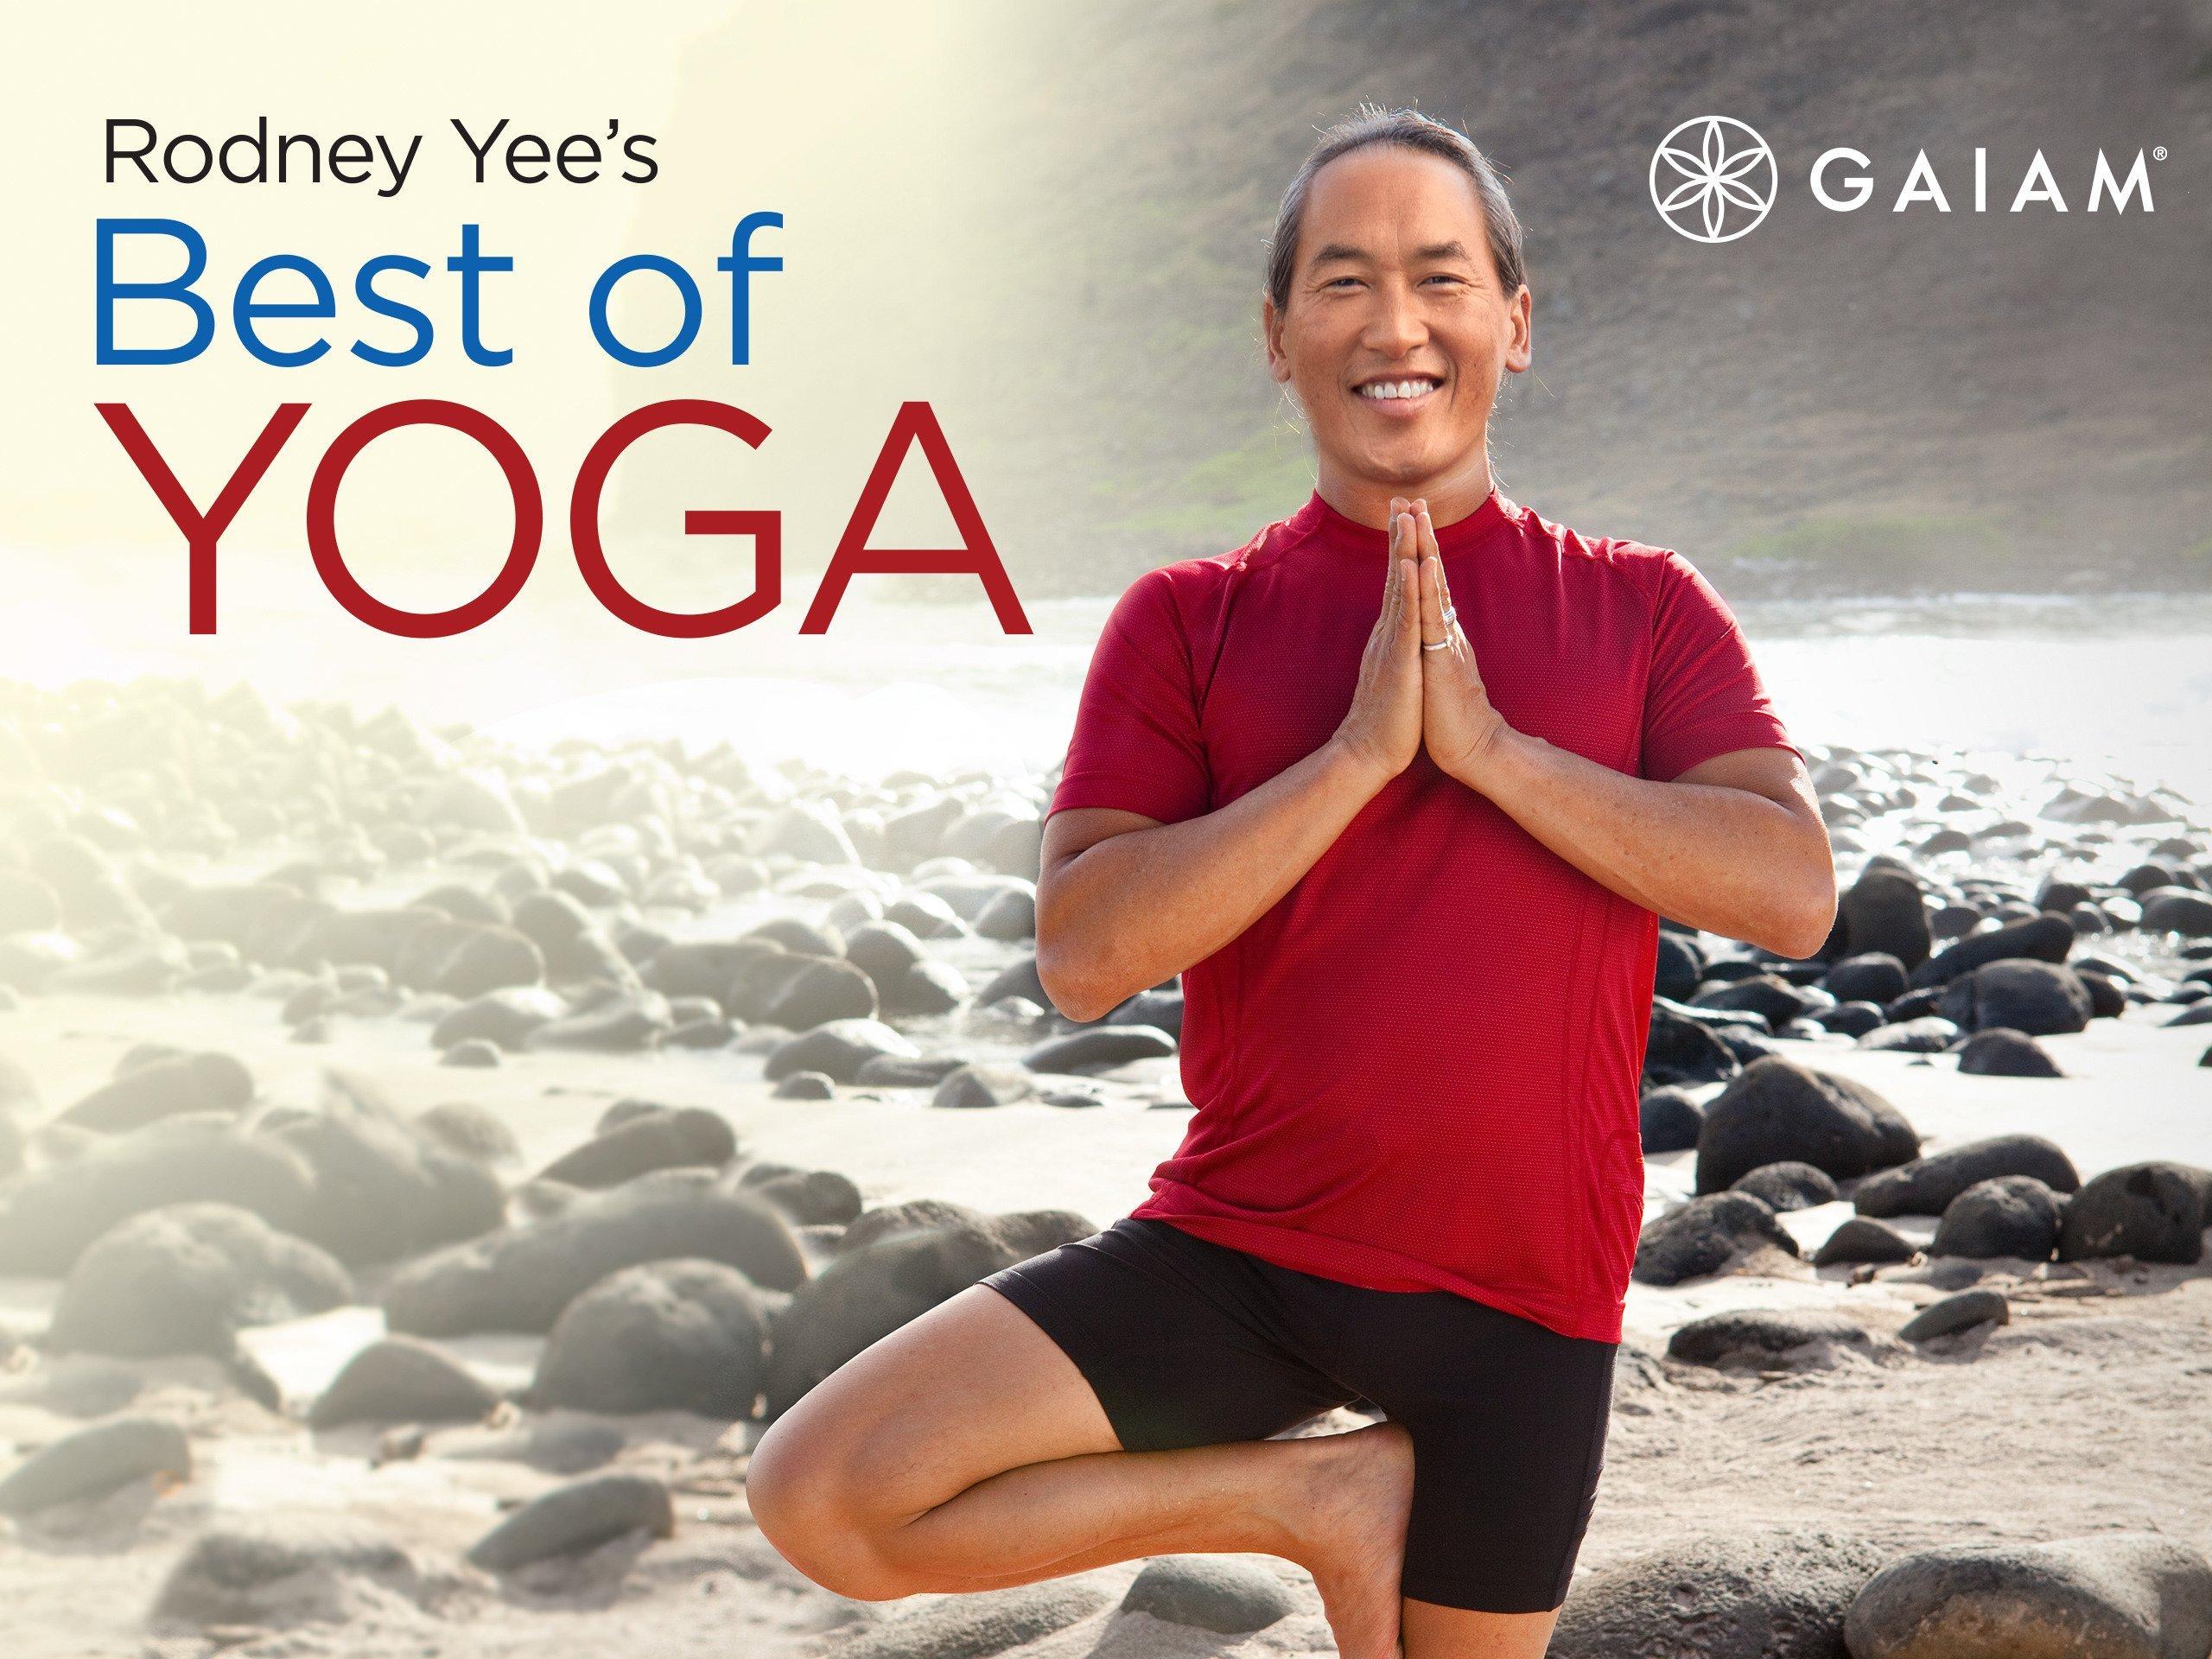 Amazon.com: Gaiam: Rodney Yee Best of Yoga: Rodney Yee